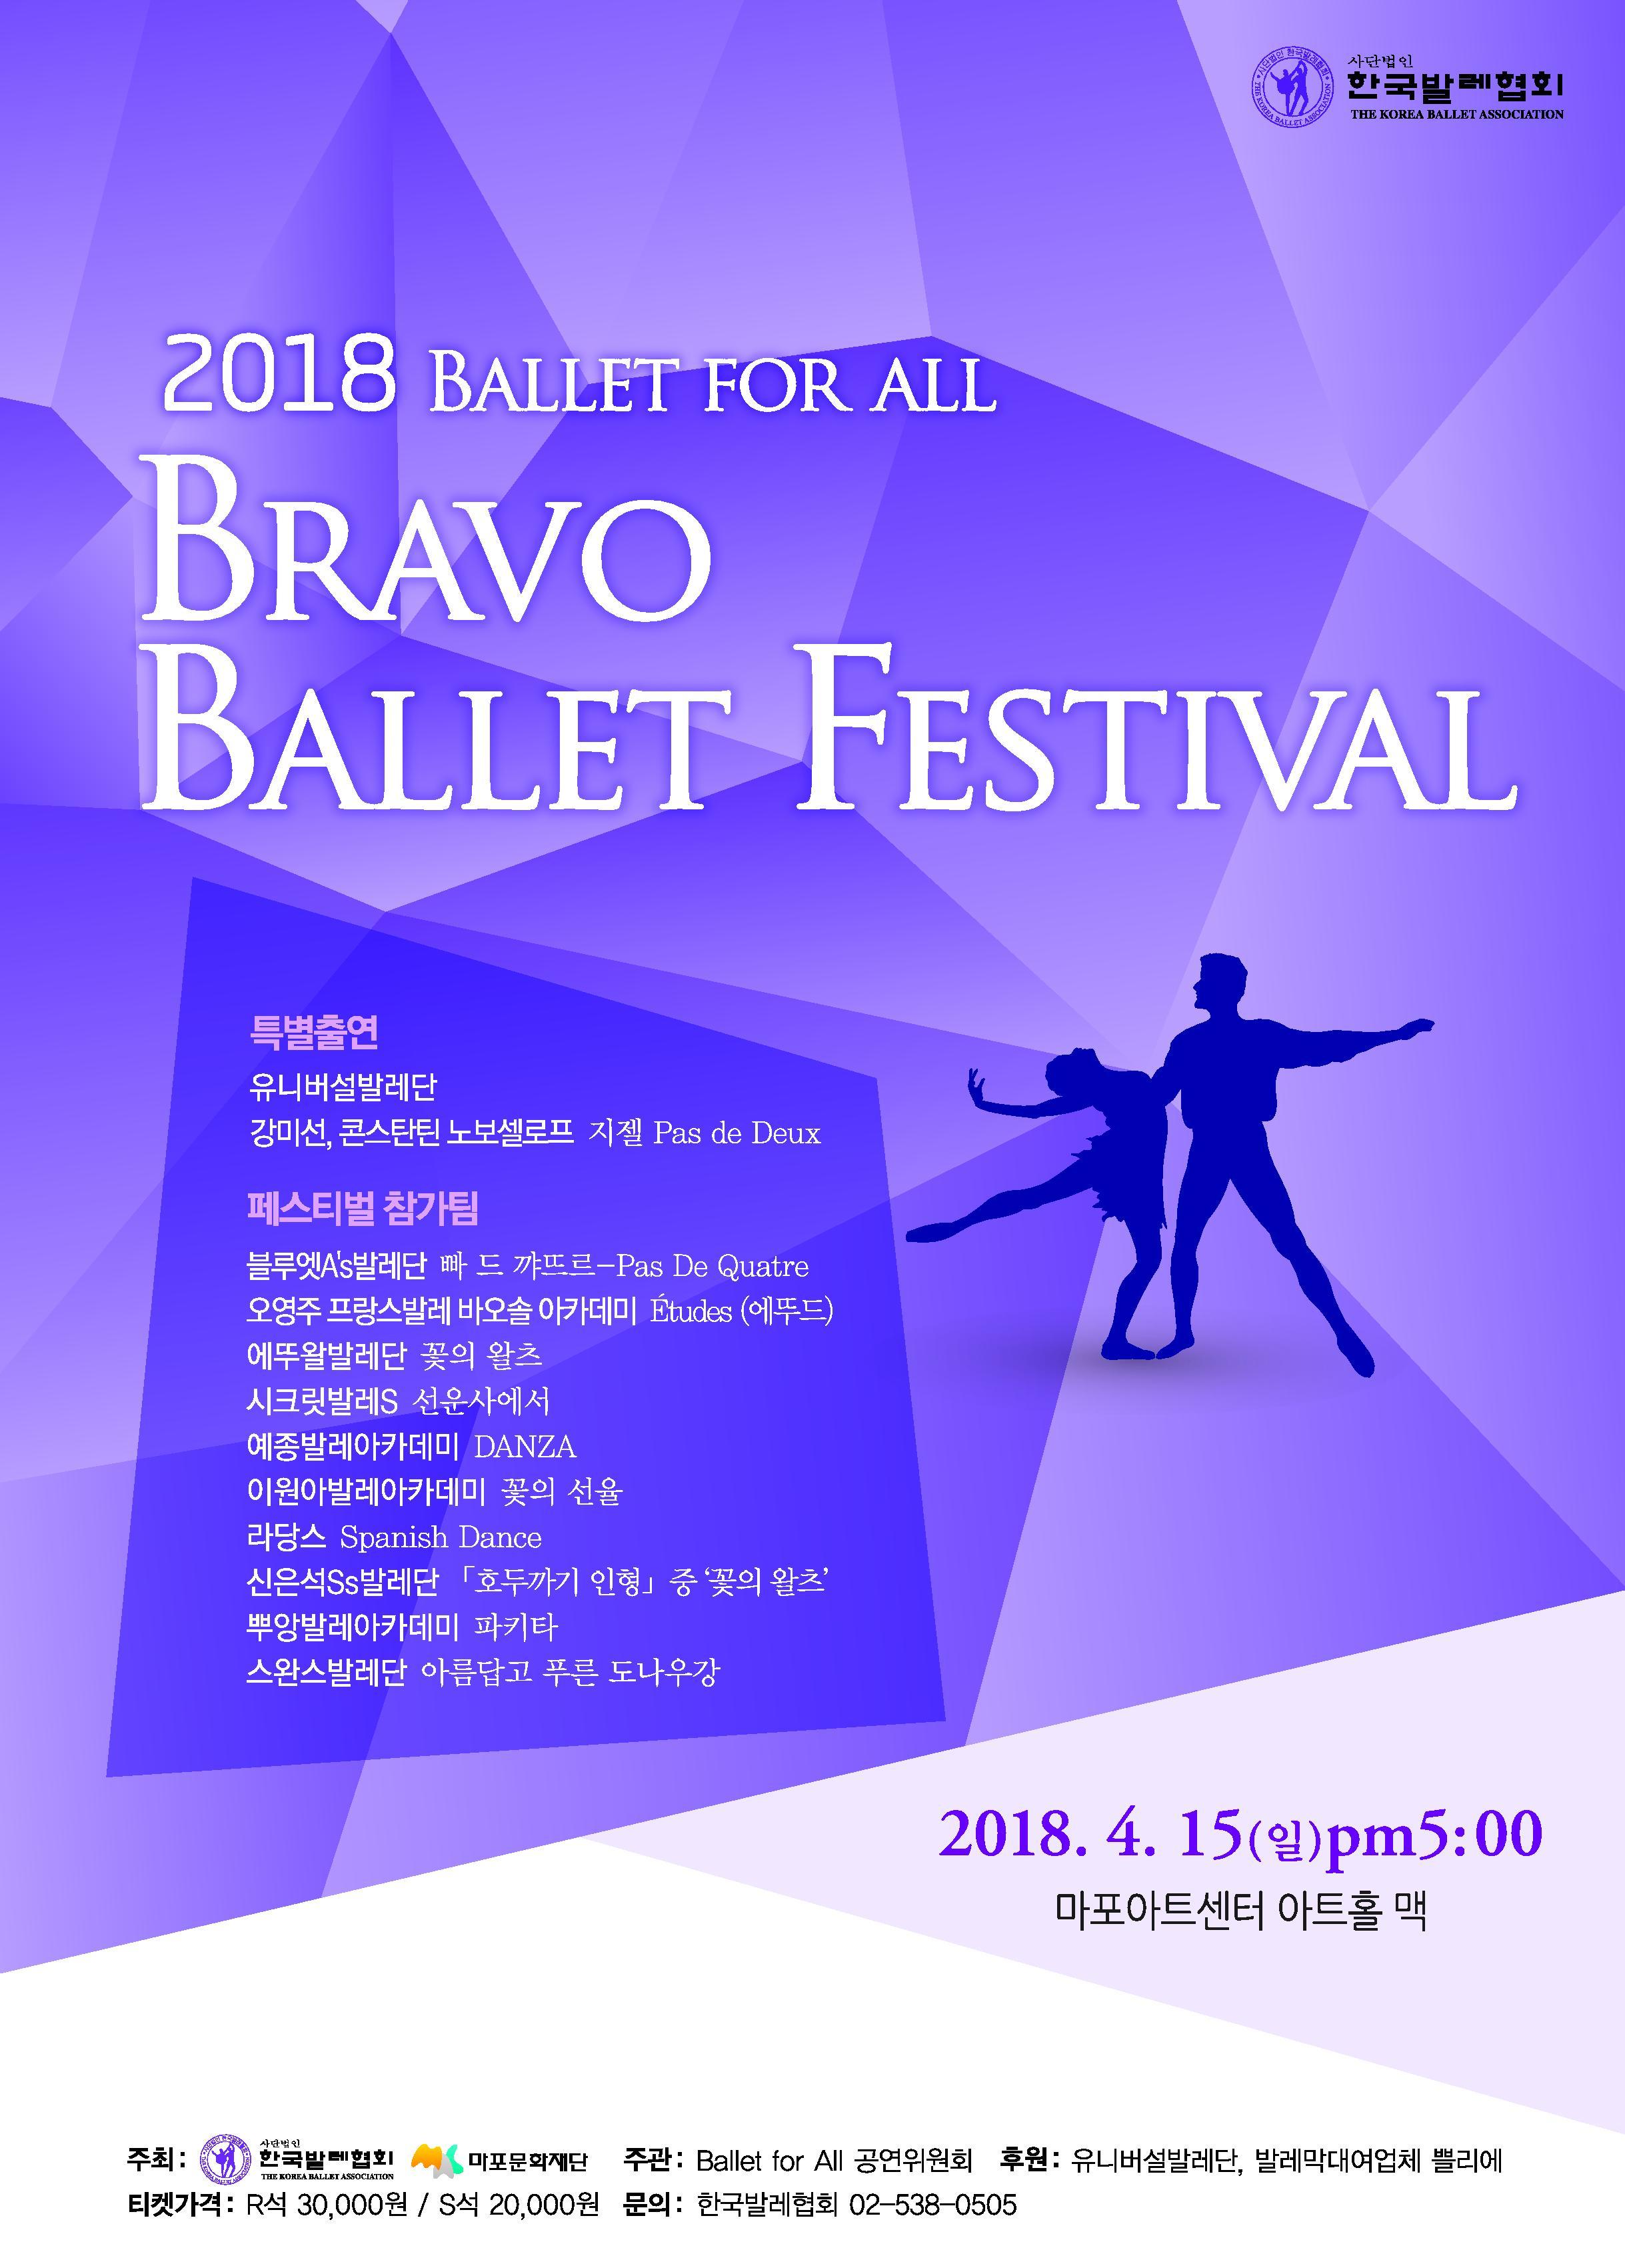 2018 Bravo Ballet Festival